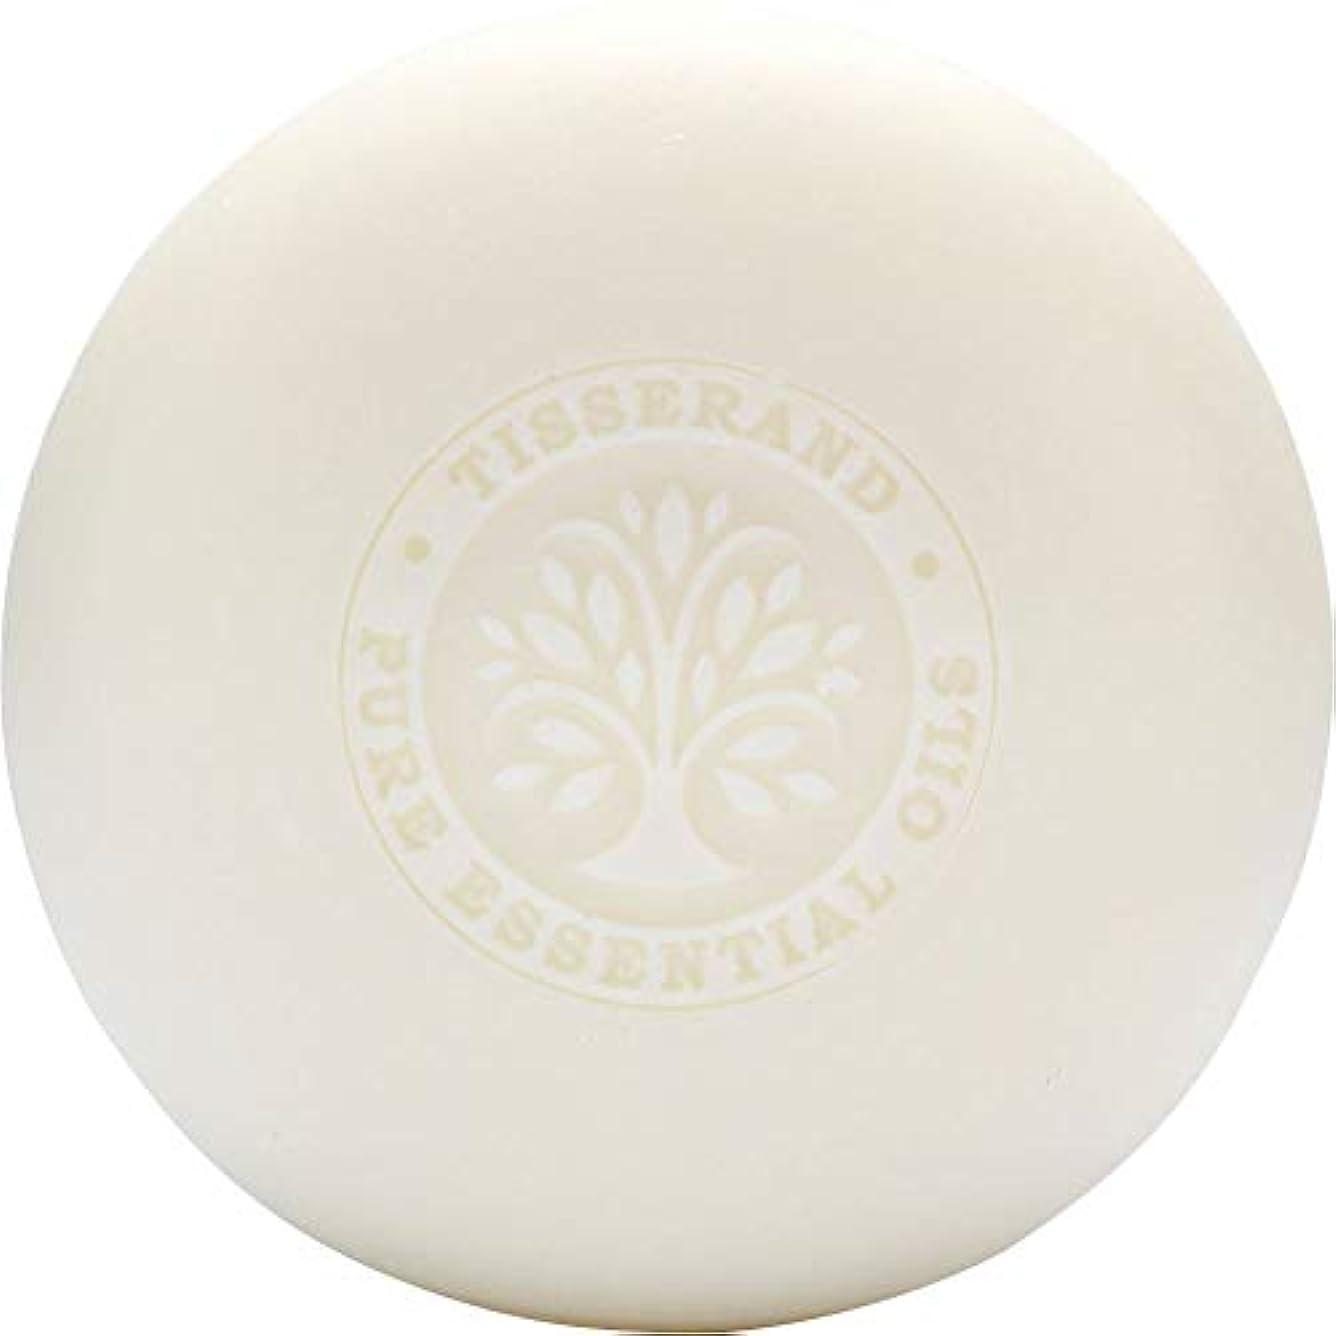 捨てるマイナーピニオン[Tisserand] ティスランドローズ&ゼラニウムの葉石鹸100グラム - Tisserand Rose & Geranium Leaf Soap 100g [並行輸入品]